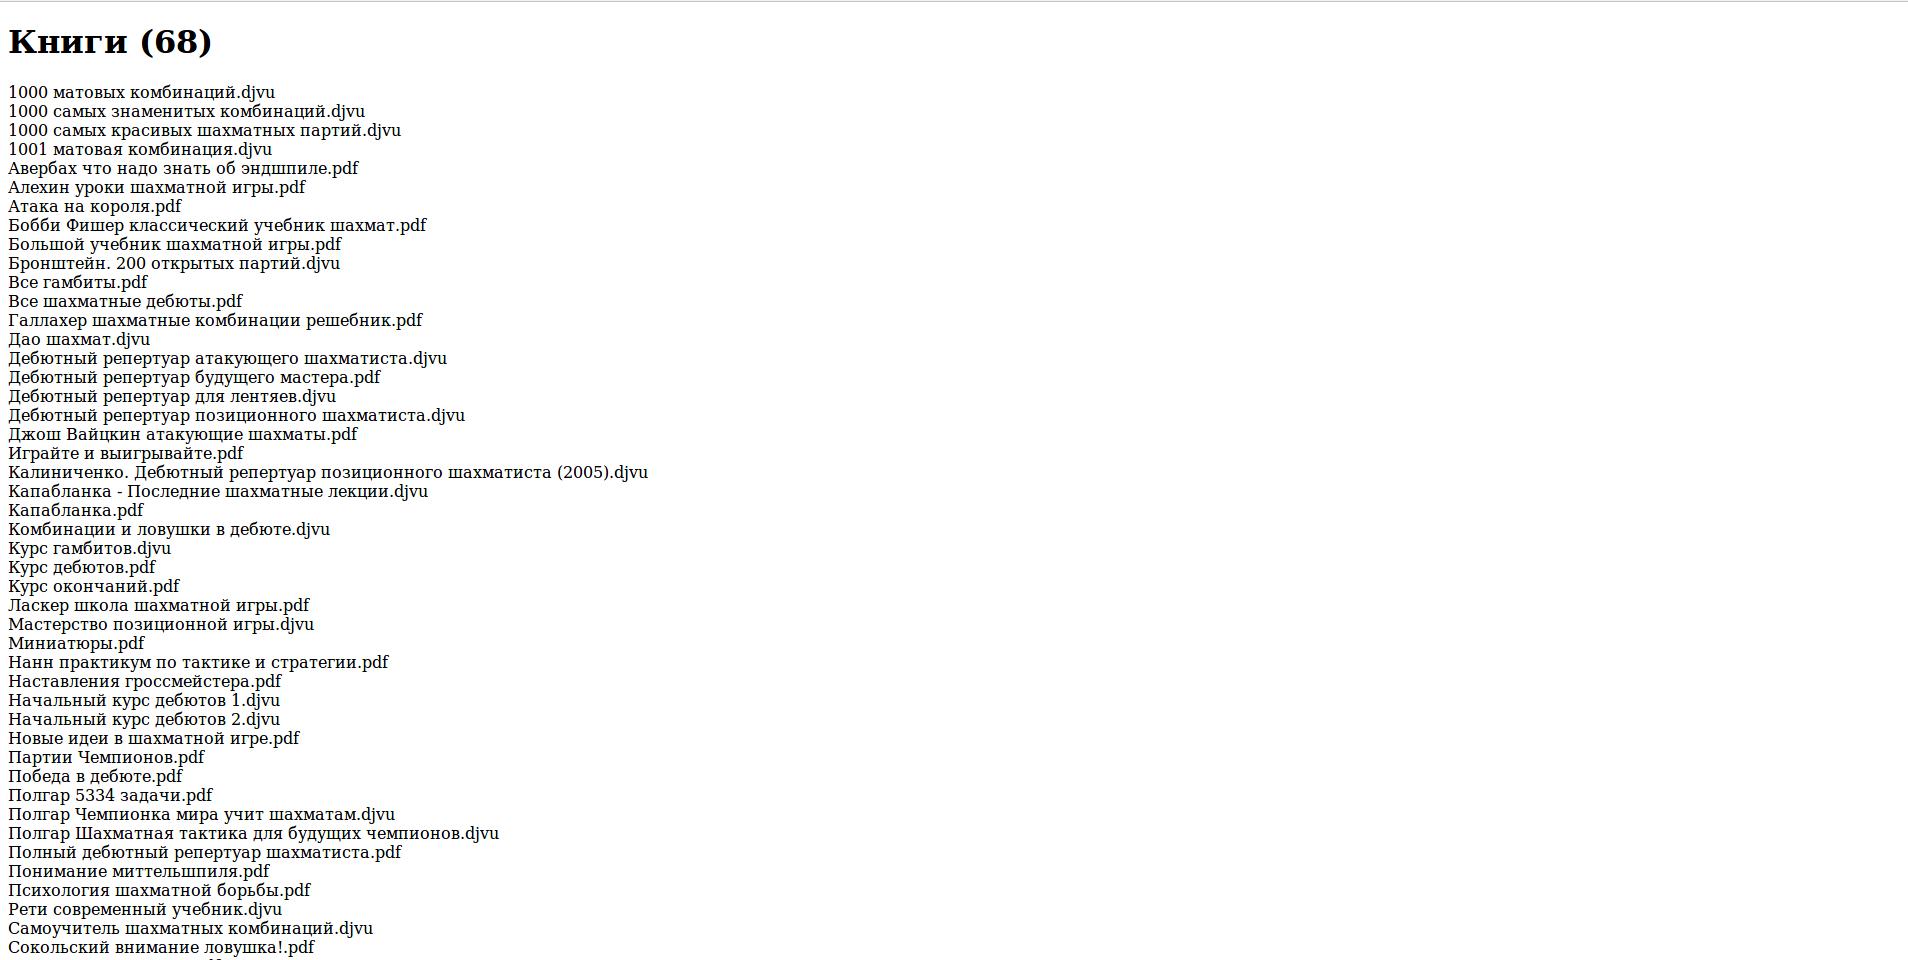 Список книг локальной ФС с сервисом на Ruby on Rails